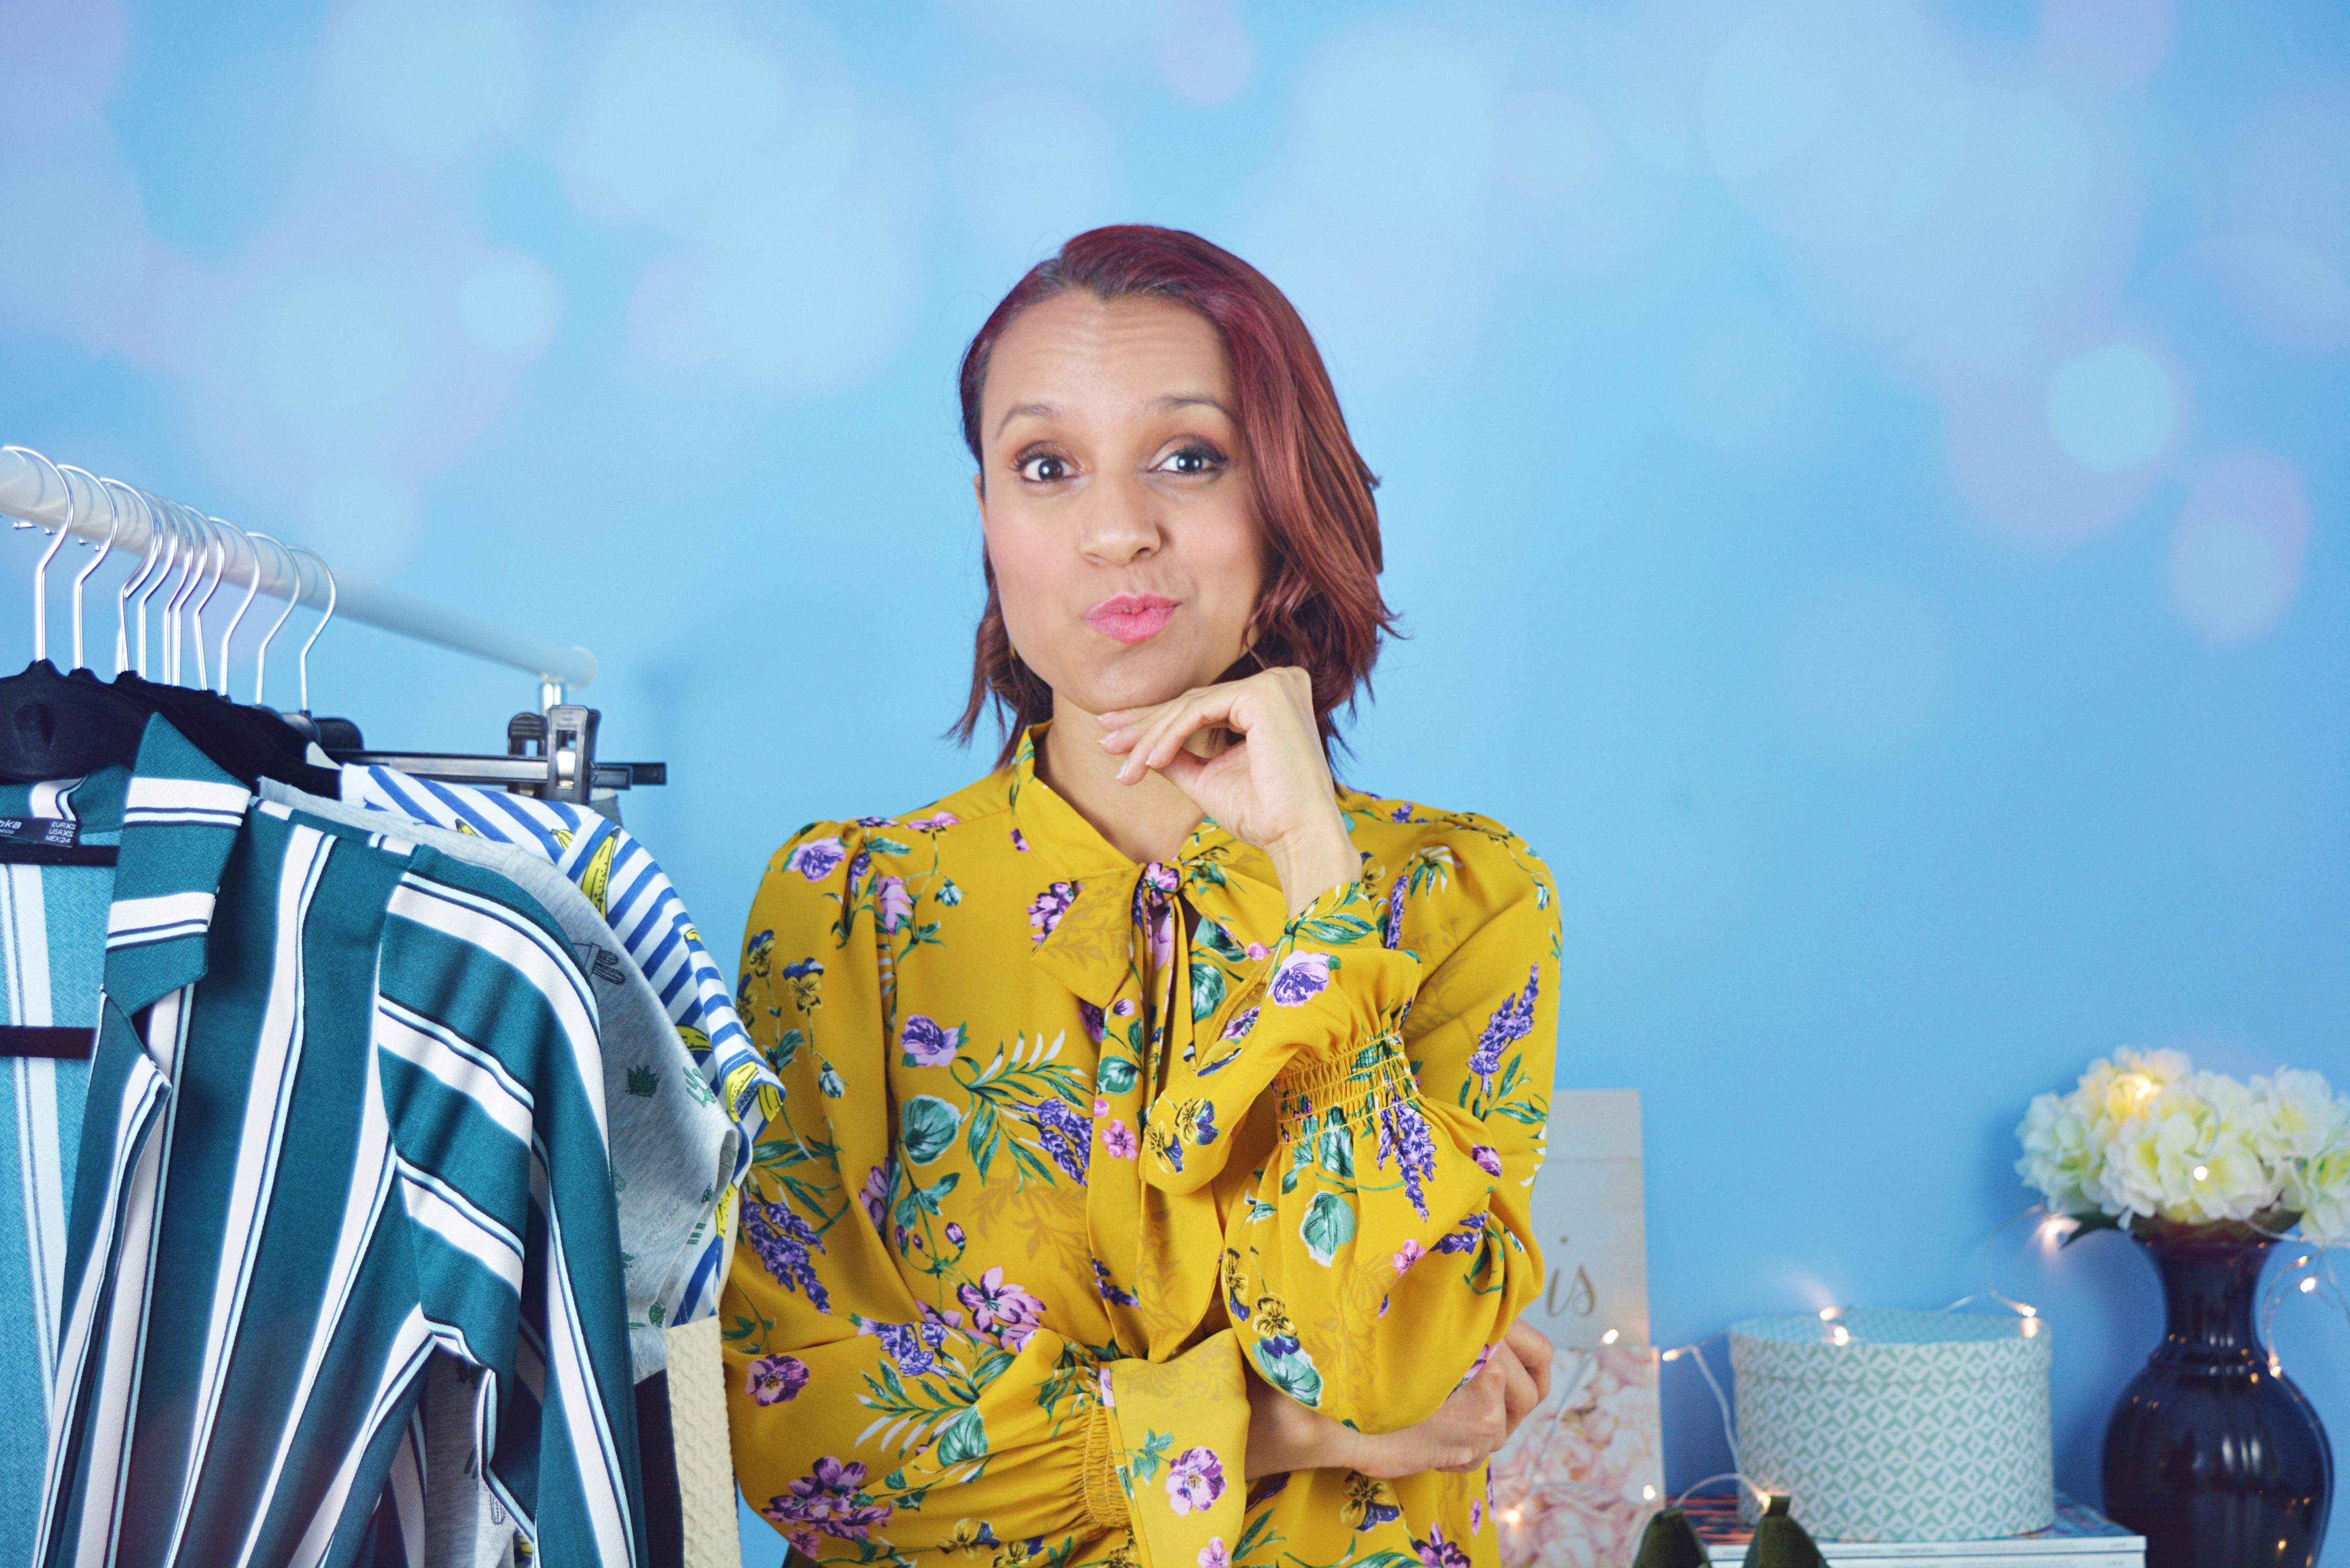 Haul de ropa y accesorios (Vídeo)